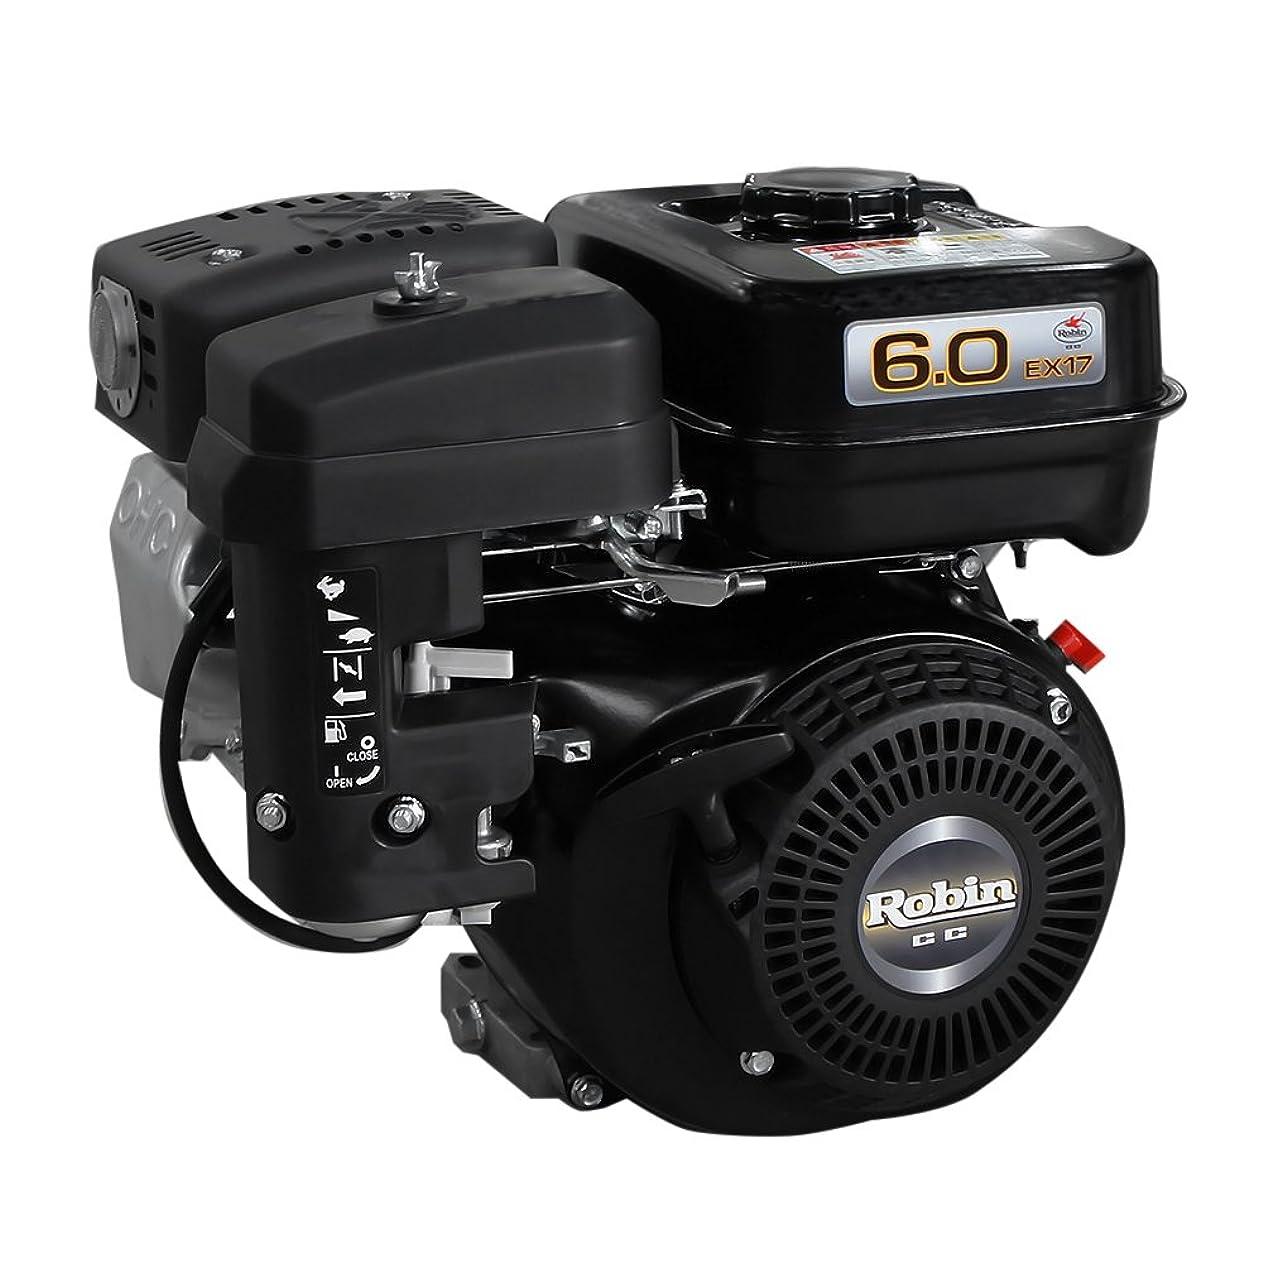 ロビン OHCガソリンエンジン EX17-2B